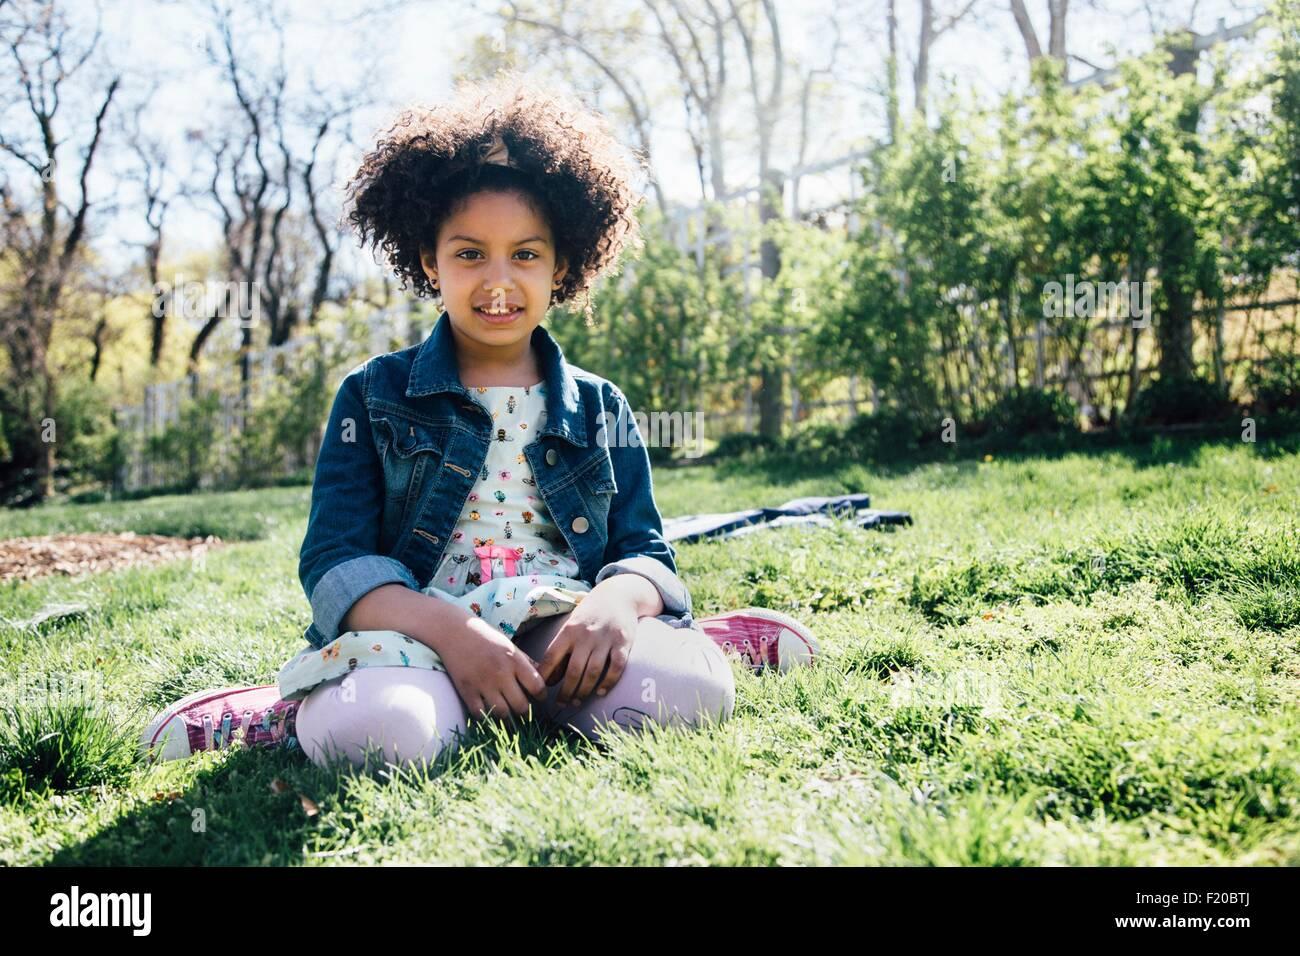 Vista frontal de la chica sentada en el pasto, mirando a la cámara Imagen De Stock